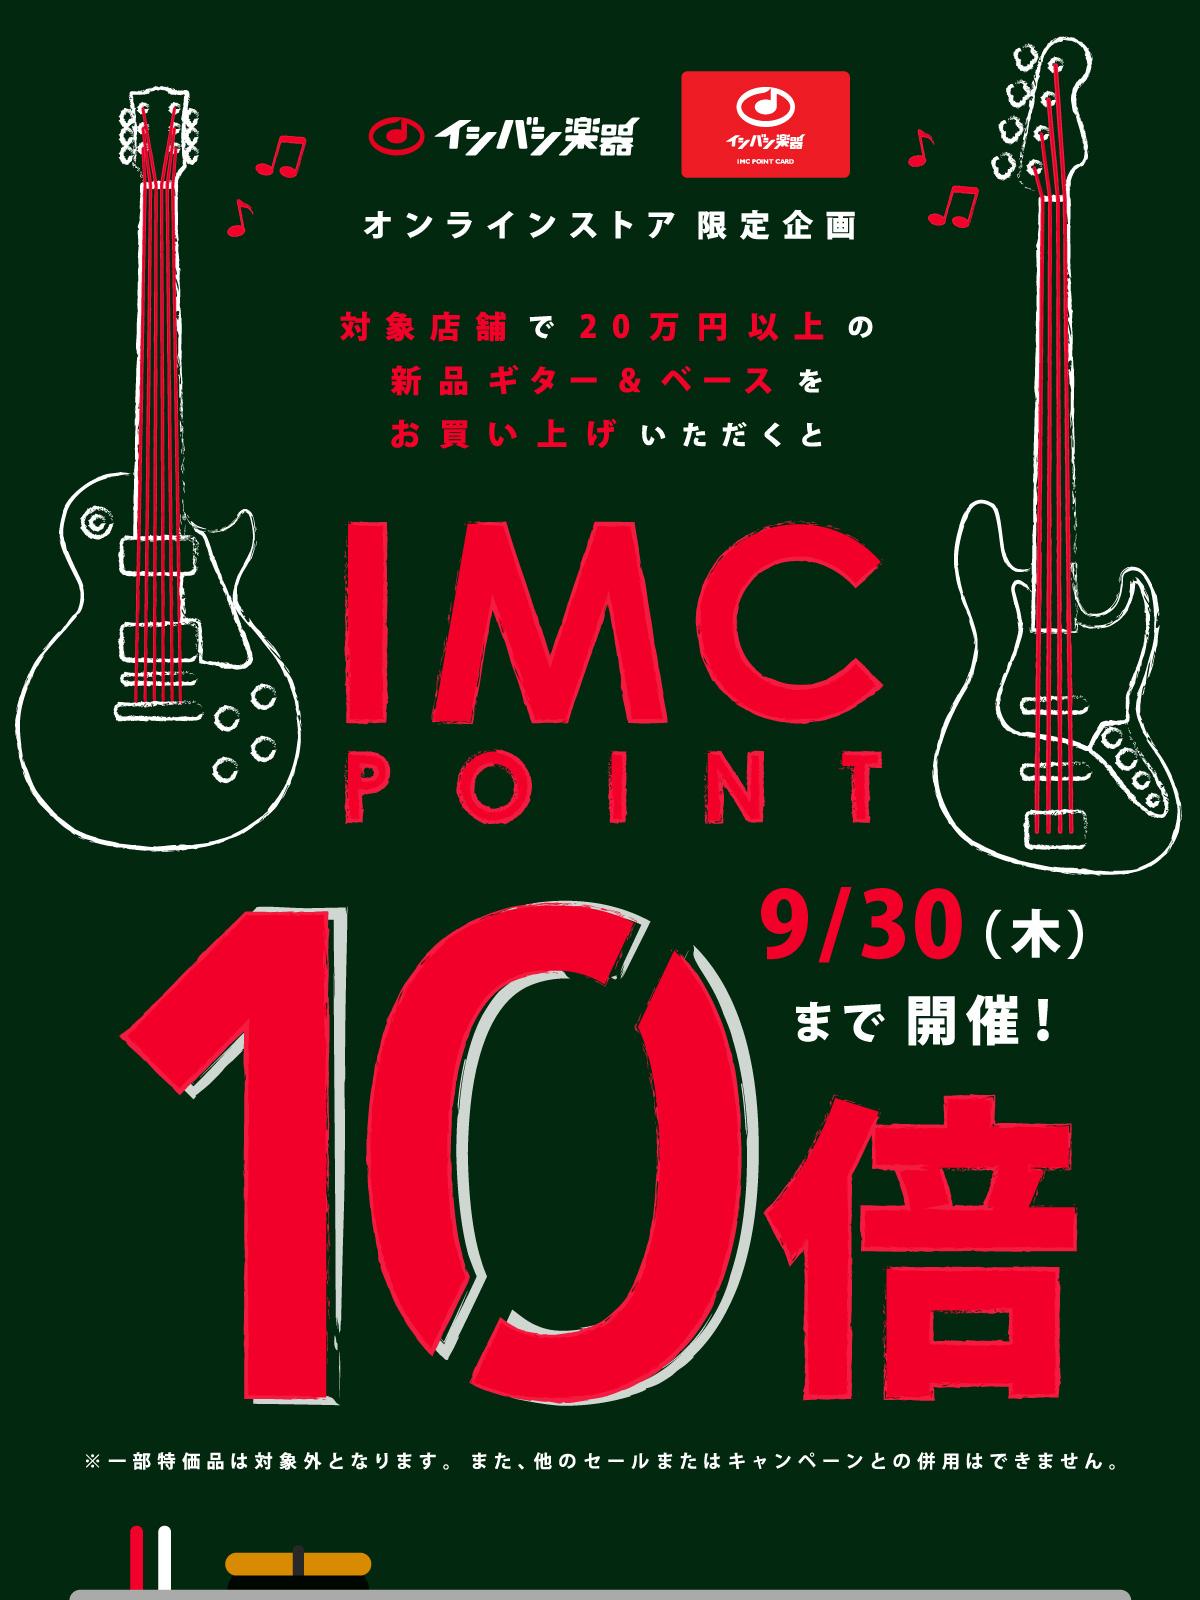 【通販限定企画】対象店舗で20万円以上の新品ギター&ベースをお買い上げいただくと、IMCポイント10倍!【イシバシ楽器】